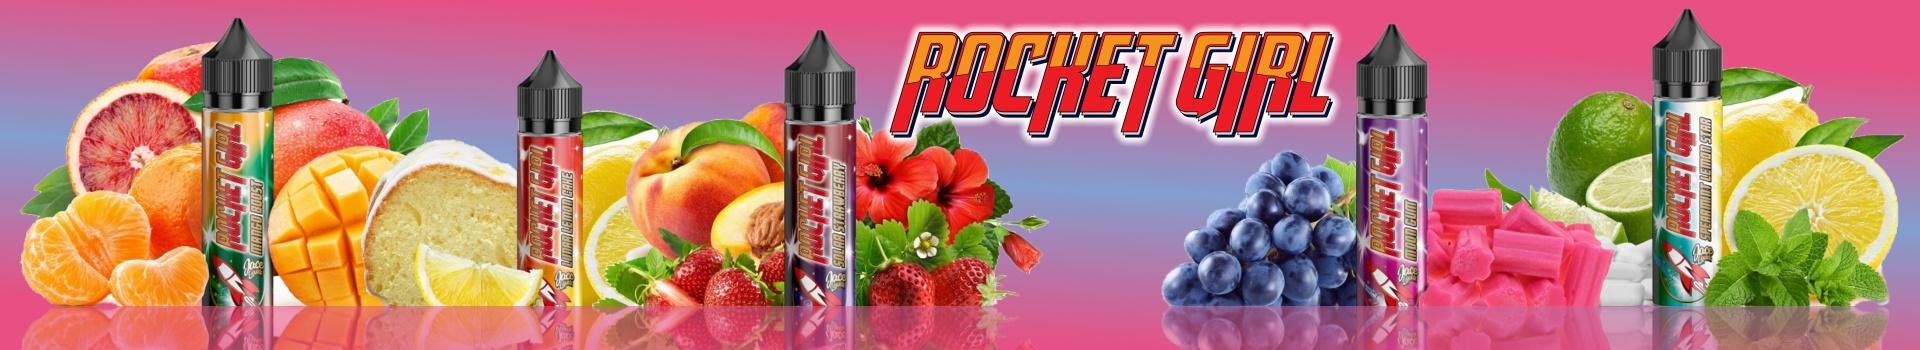 Rocketgirl - Aromen